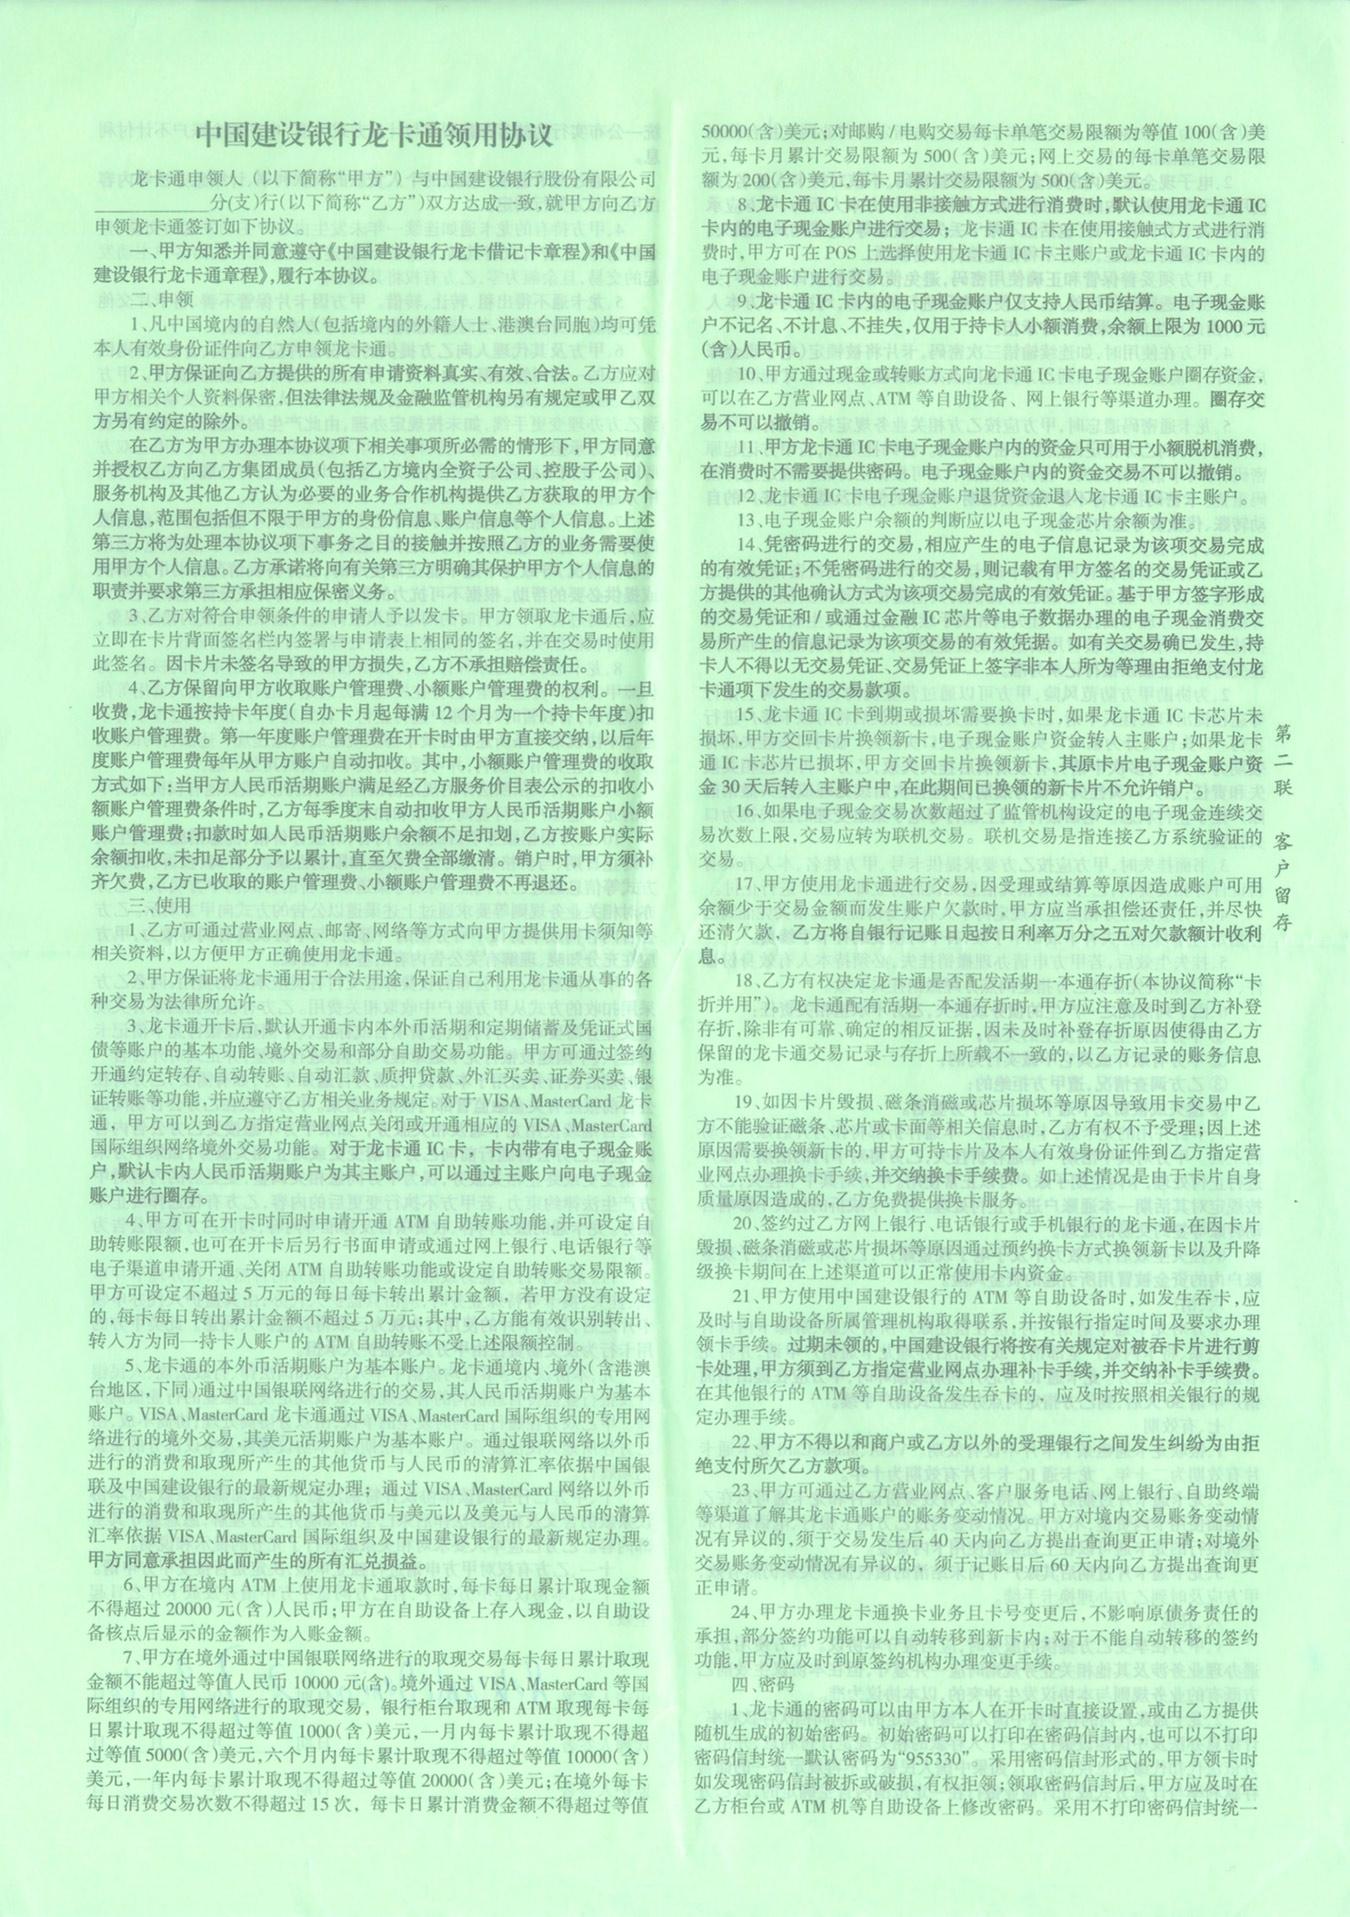 Мое соглашение с банком о пользовании дебетовой картой. Его перевод с китайского на русский инотариальное заверение стоит в Москве 5—15 тысяч рублей. Я решил обойтись — и налоговая пока его не спросила